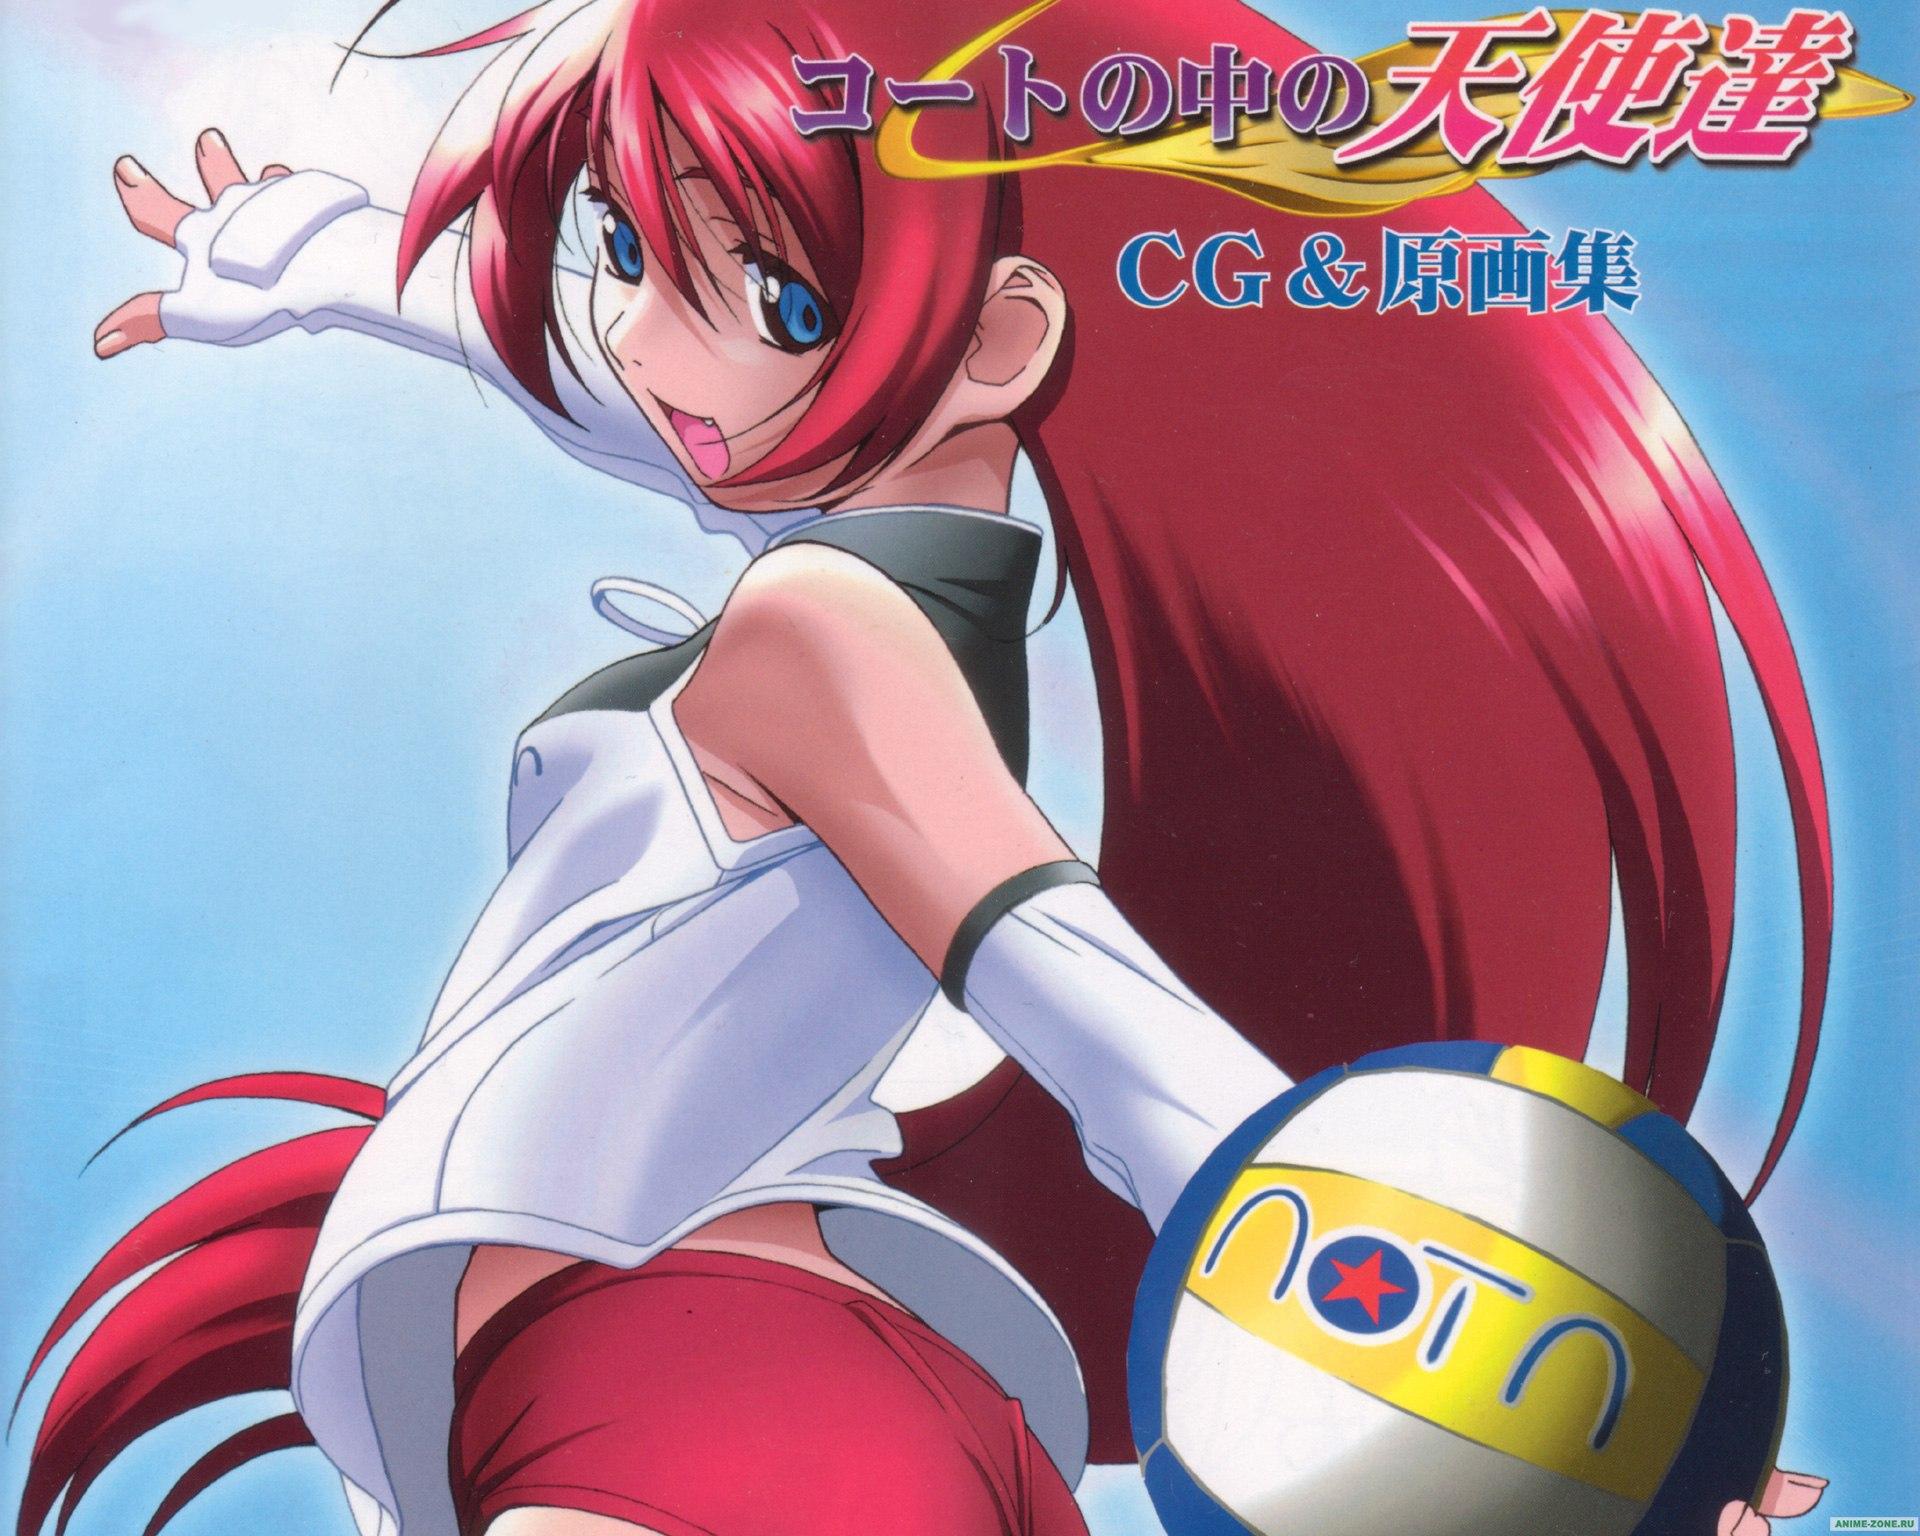 Аниме картинка Angels in the court. Court no Naka no Tenshi-tachi. Аниме обои Ангелы на волейбольной площадке